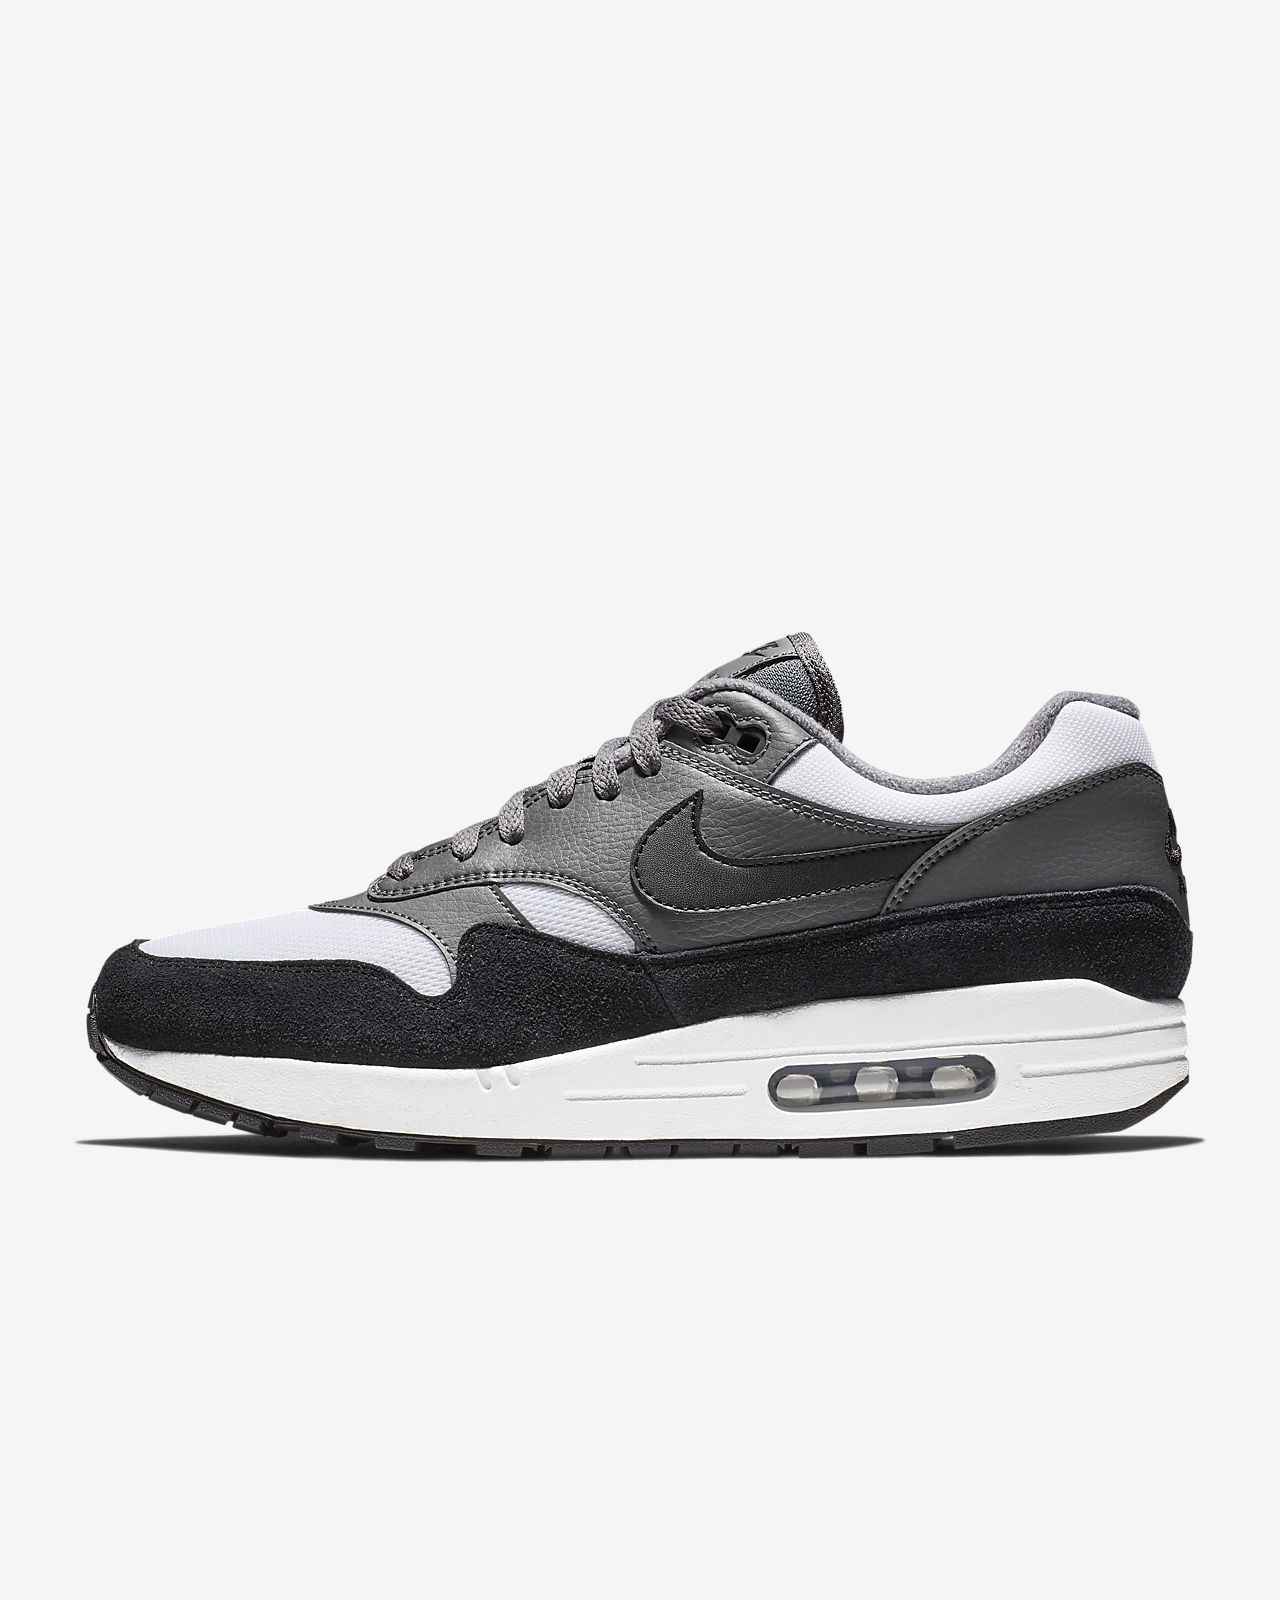 watch 0fc4d 0c06b Men s Shoe. Nike Air Max 1. £69.47. £99.95